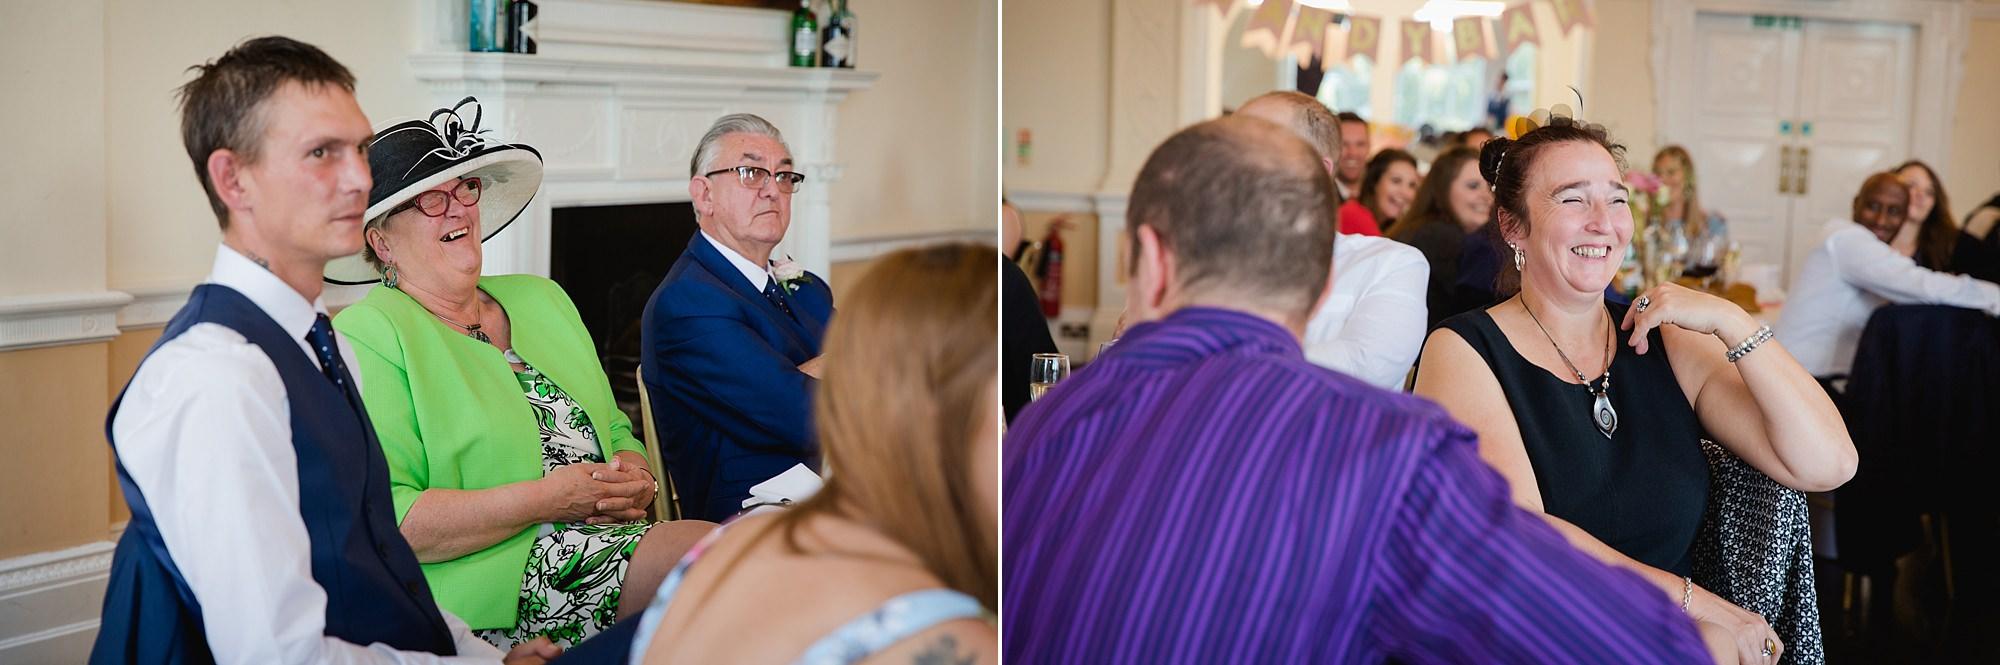 Trafalgar Tavern wedding guest reactions at groom's speech